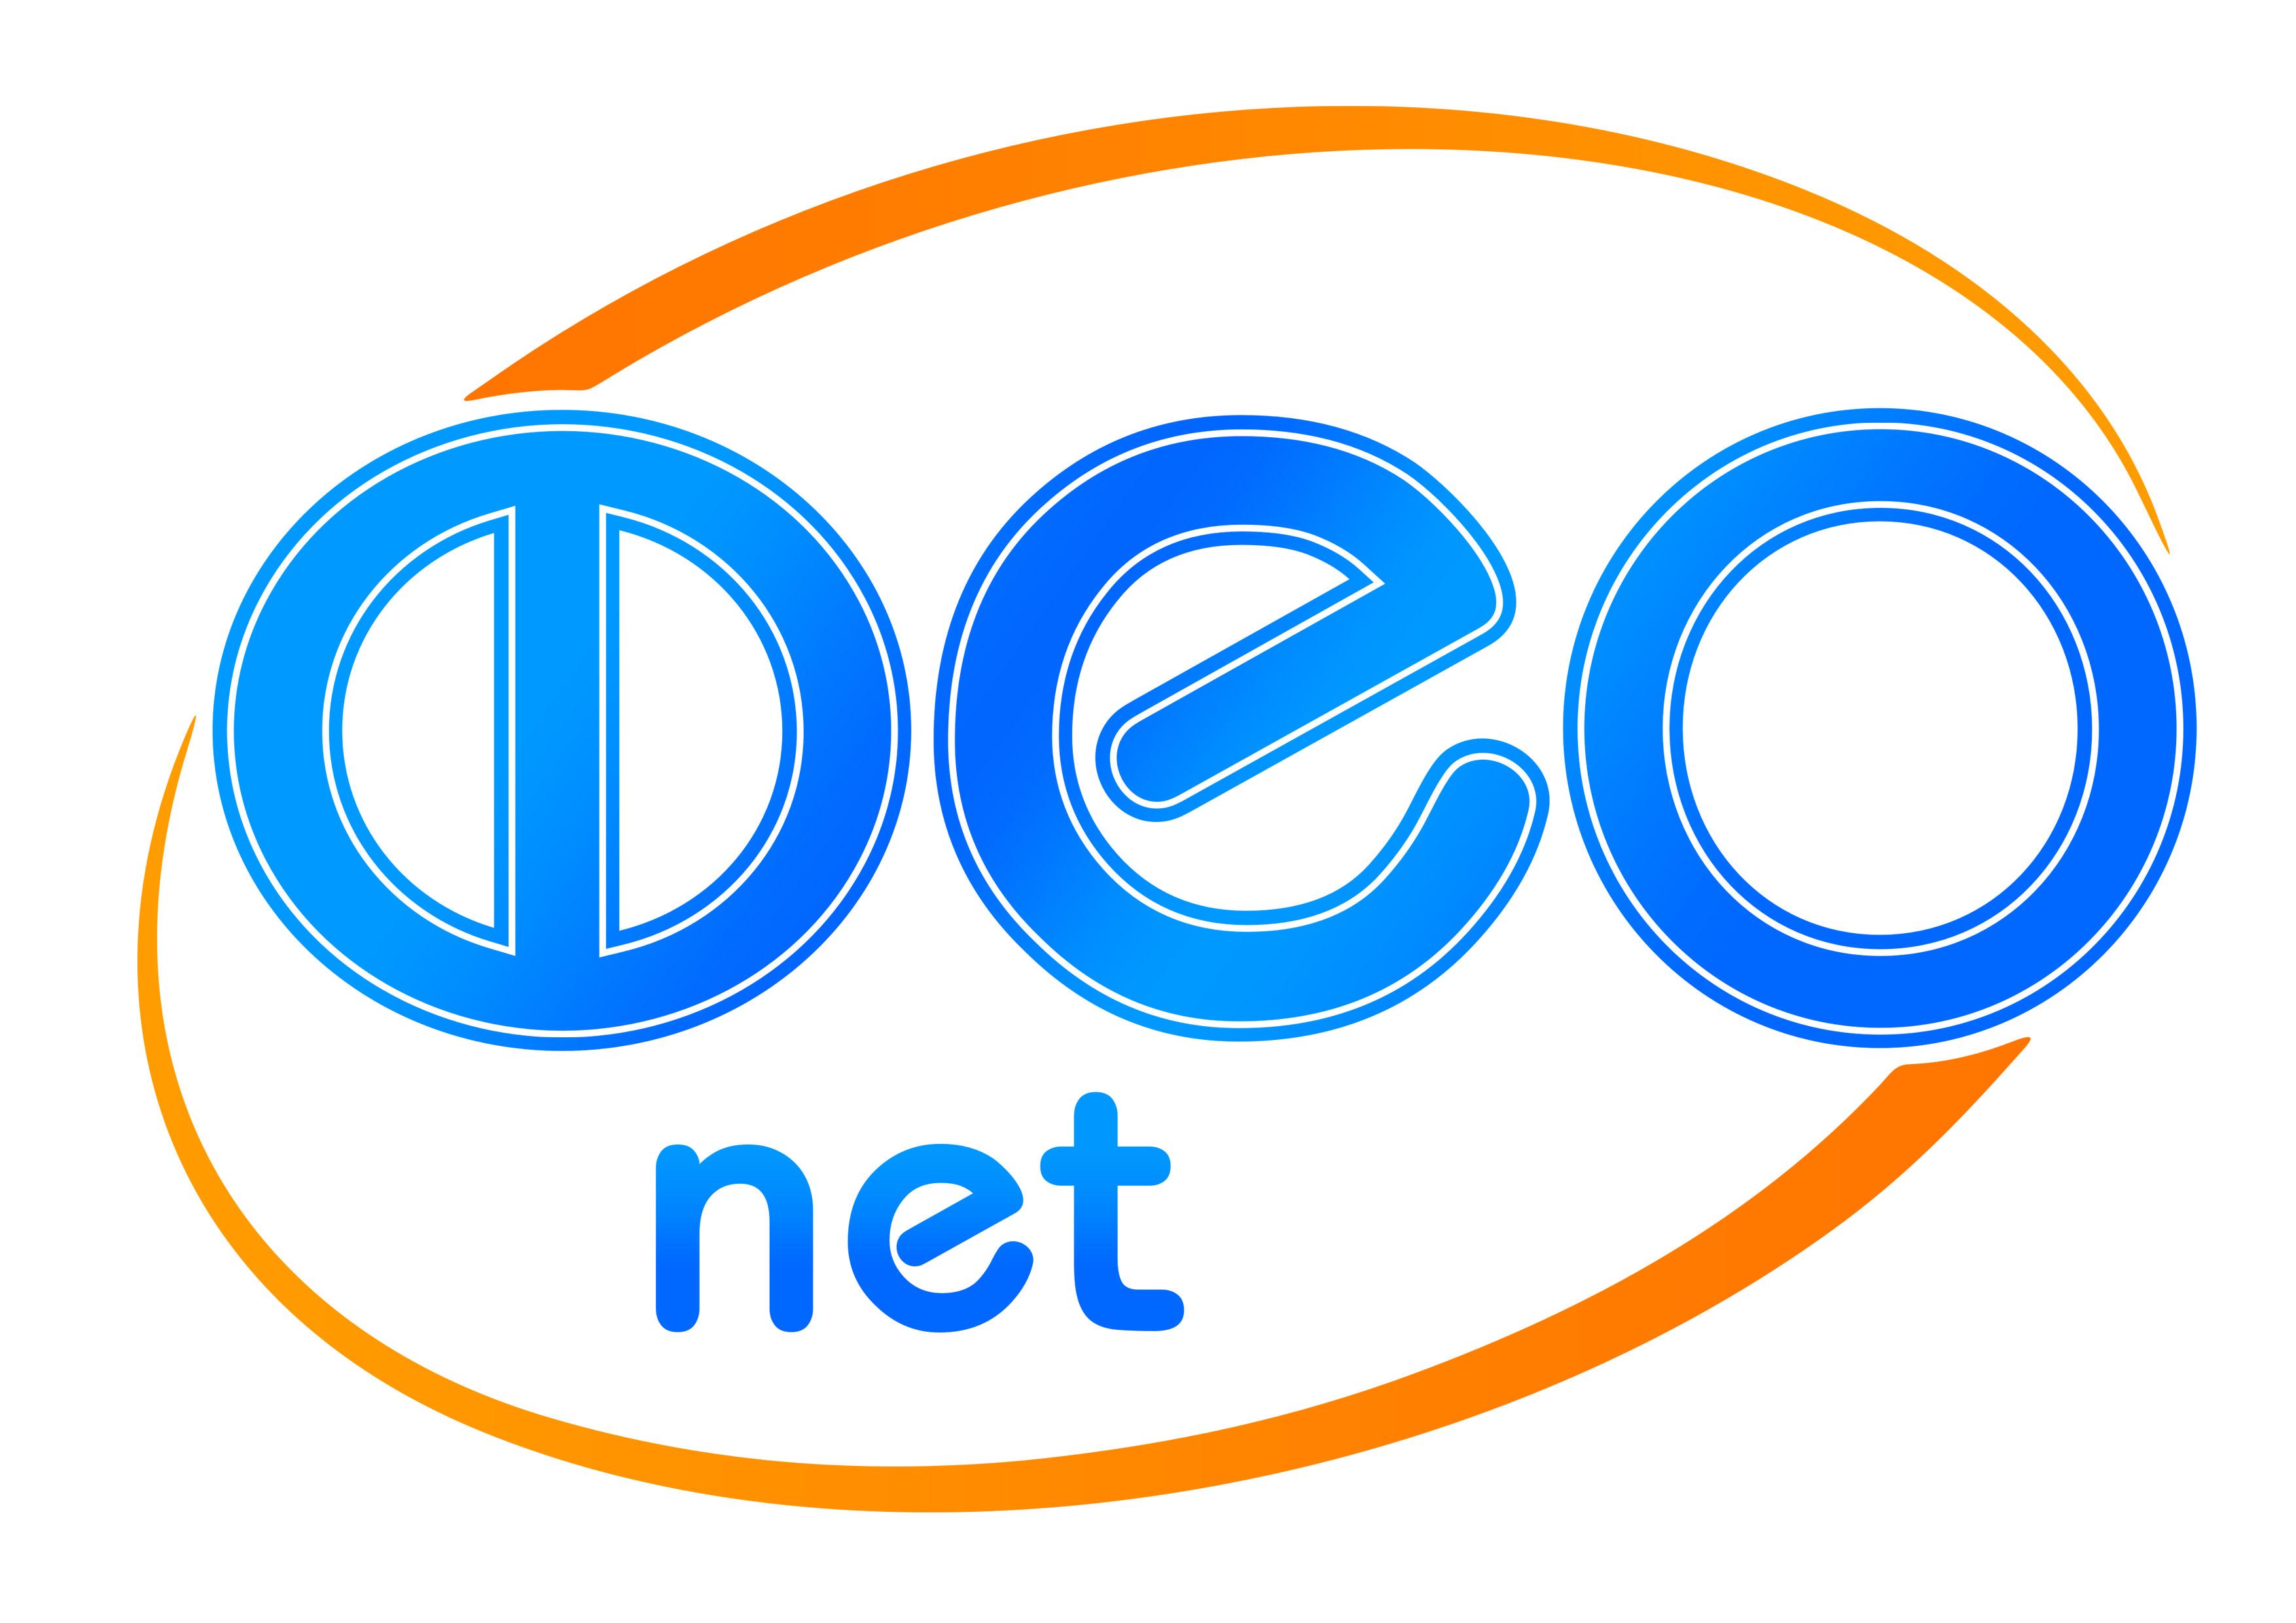 ФеоНет логотип